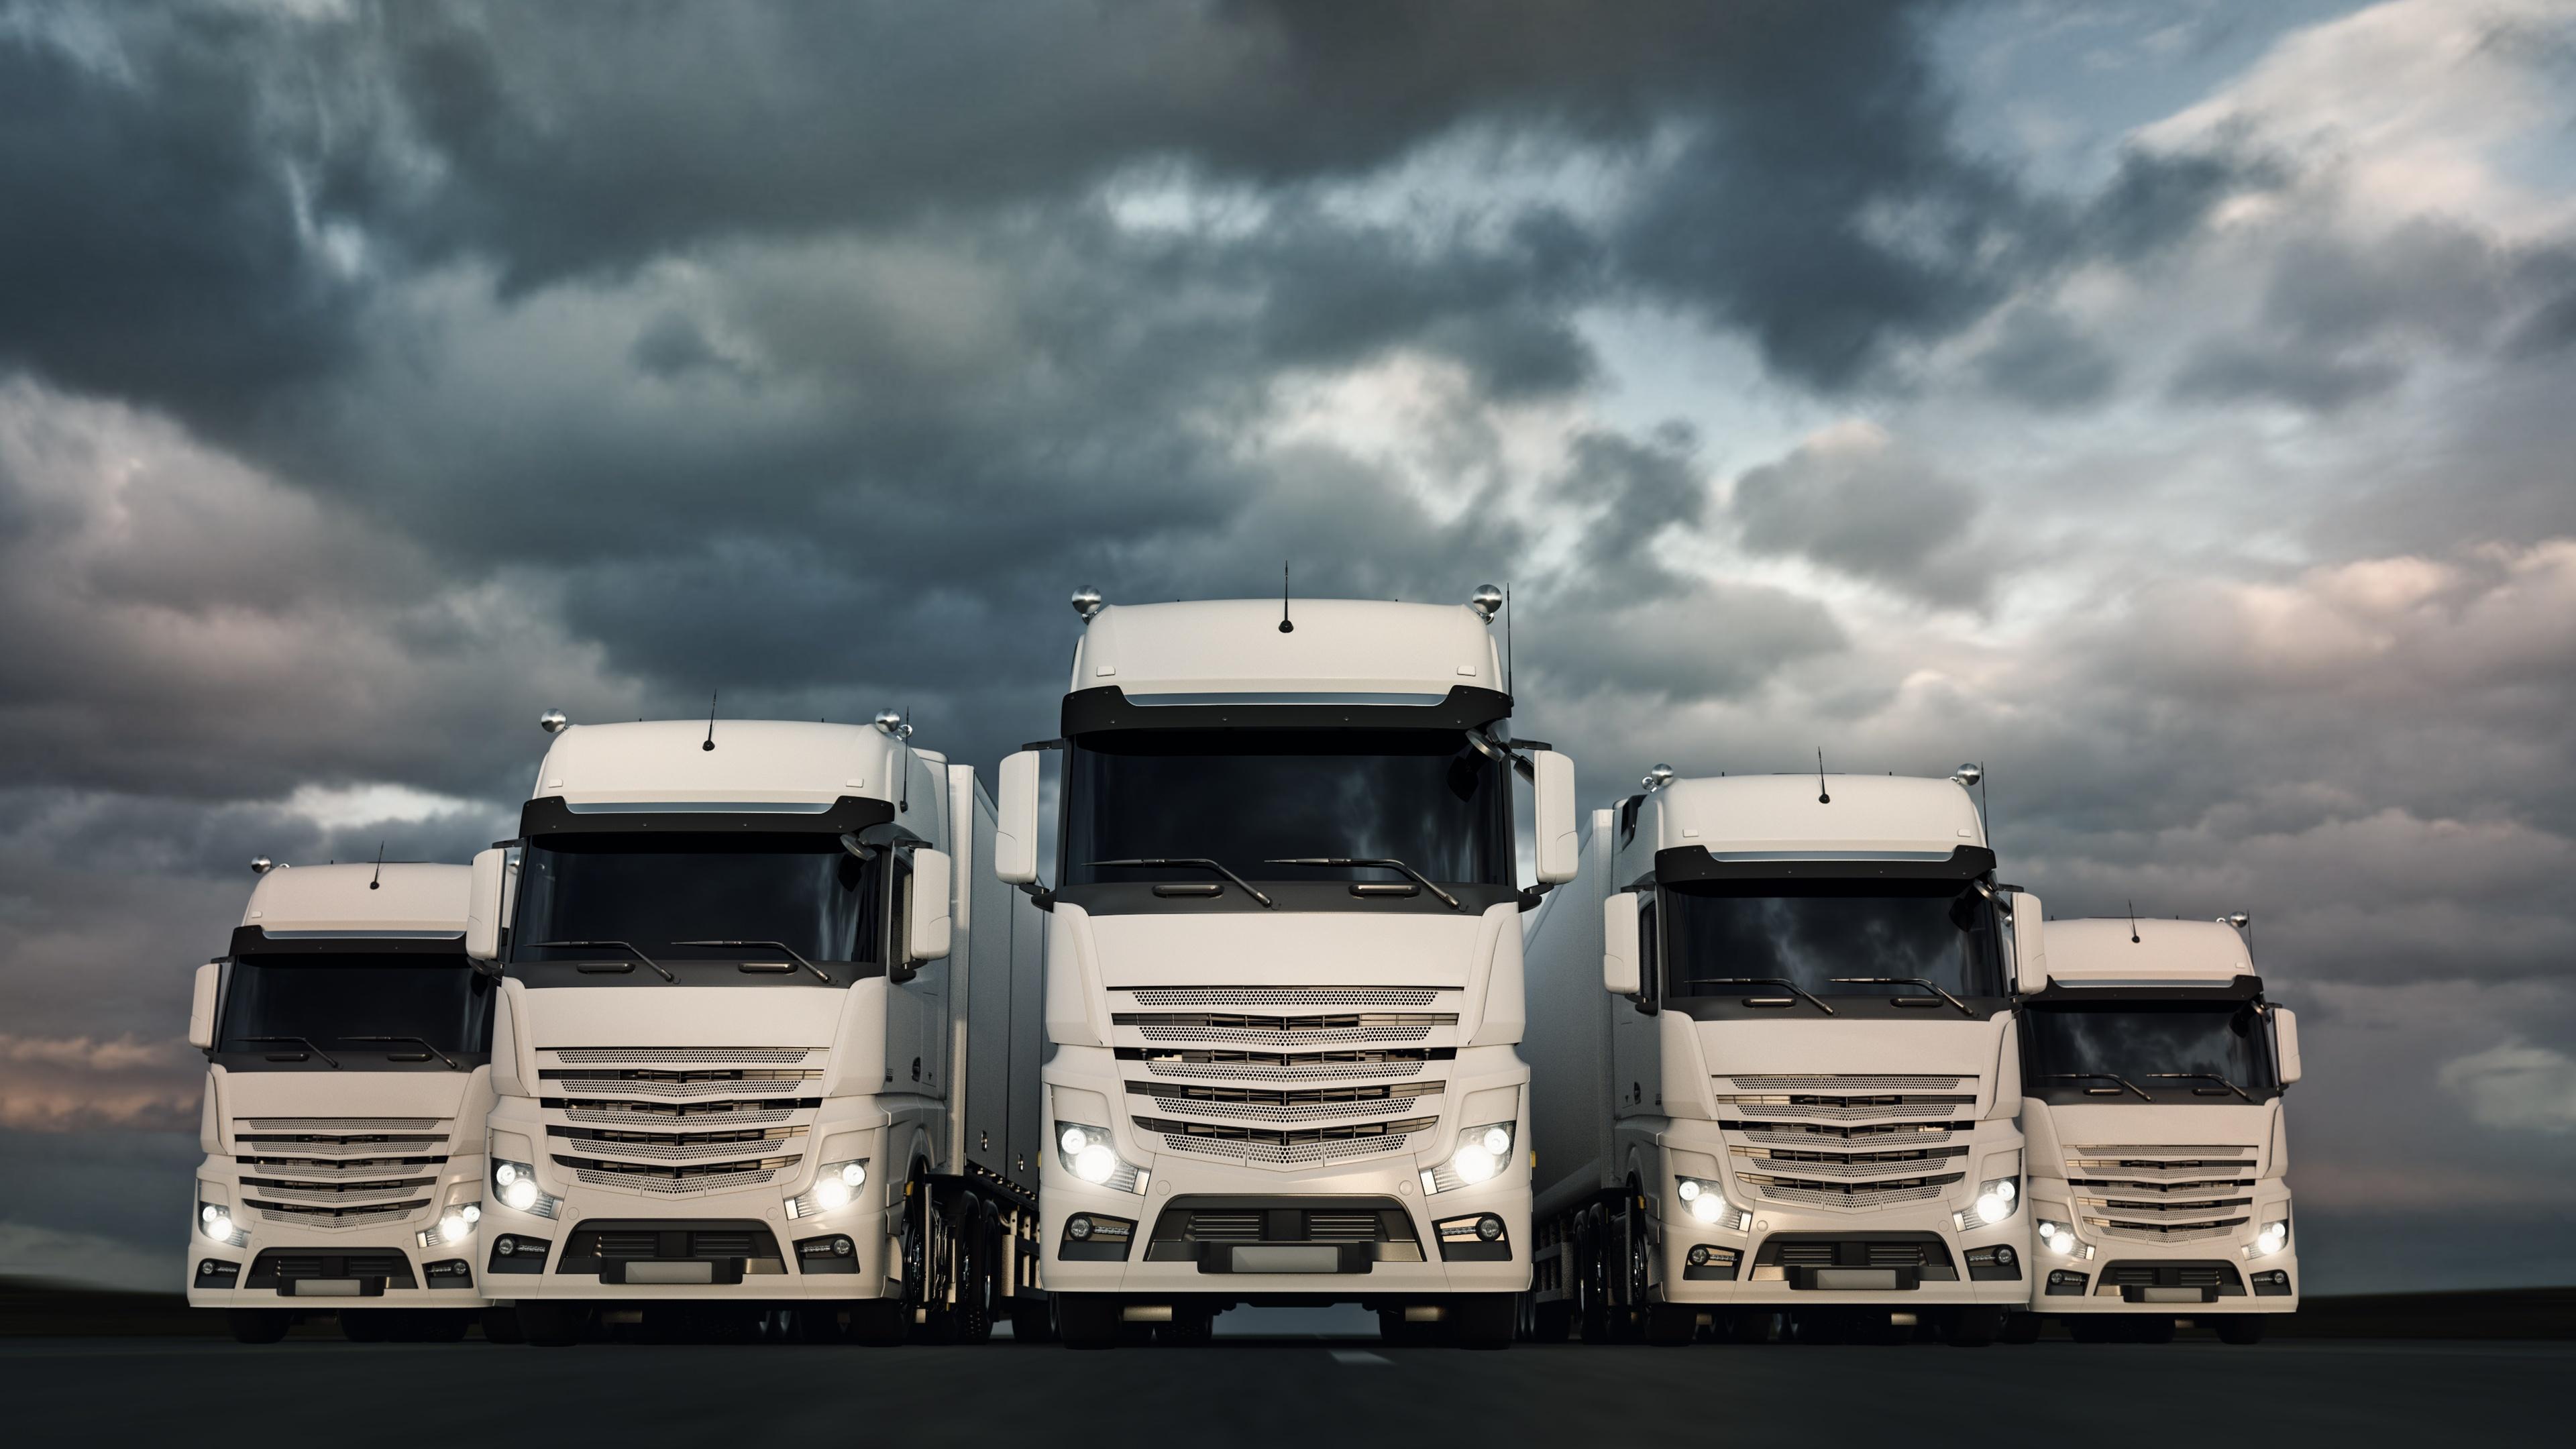 Five Semi Trucks.jpeg